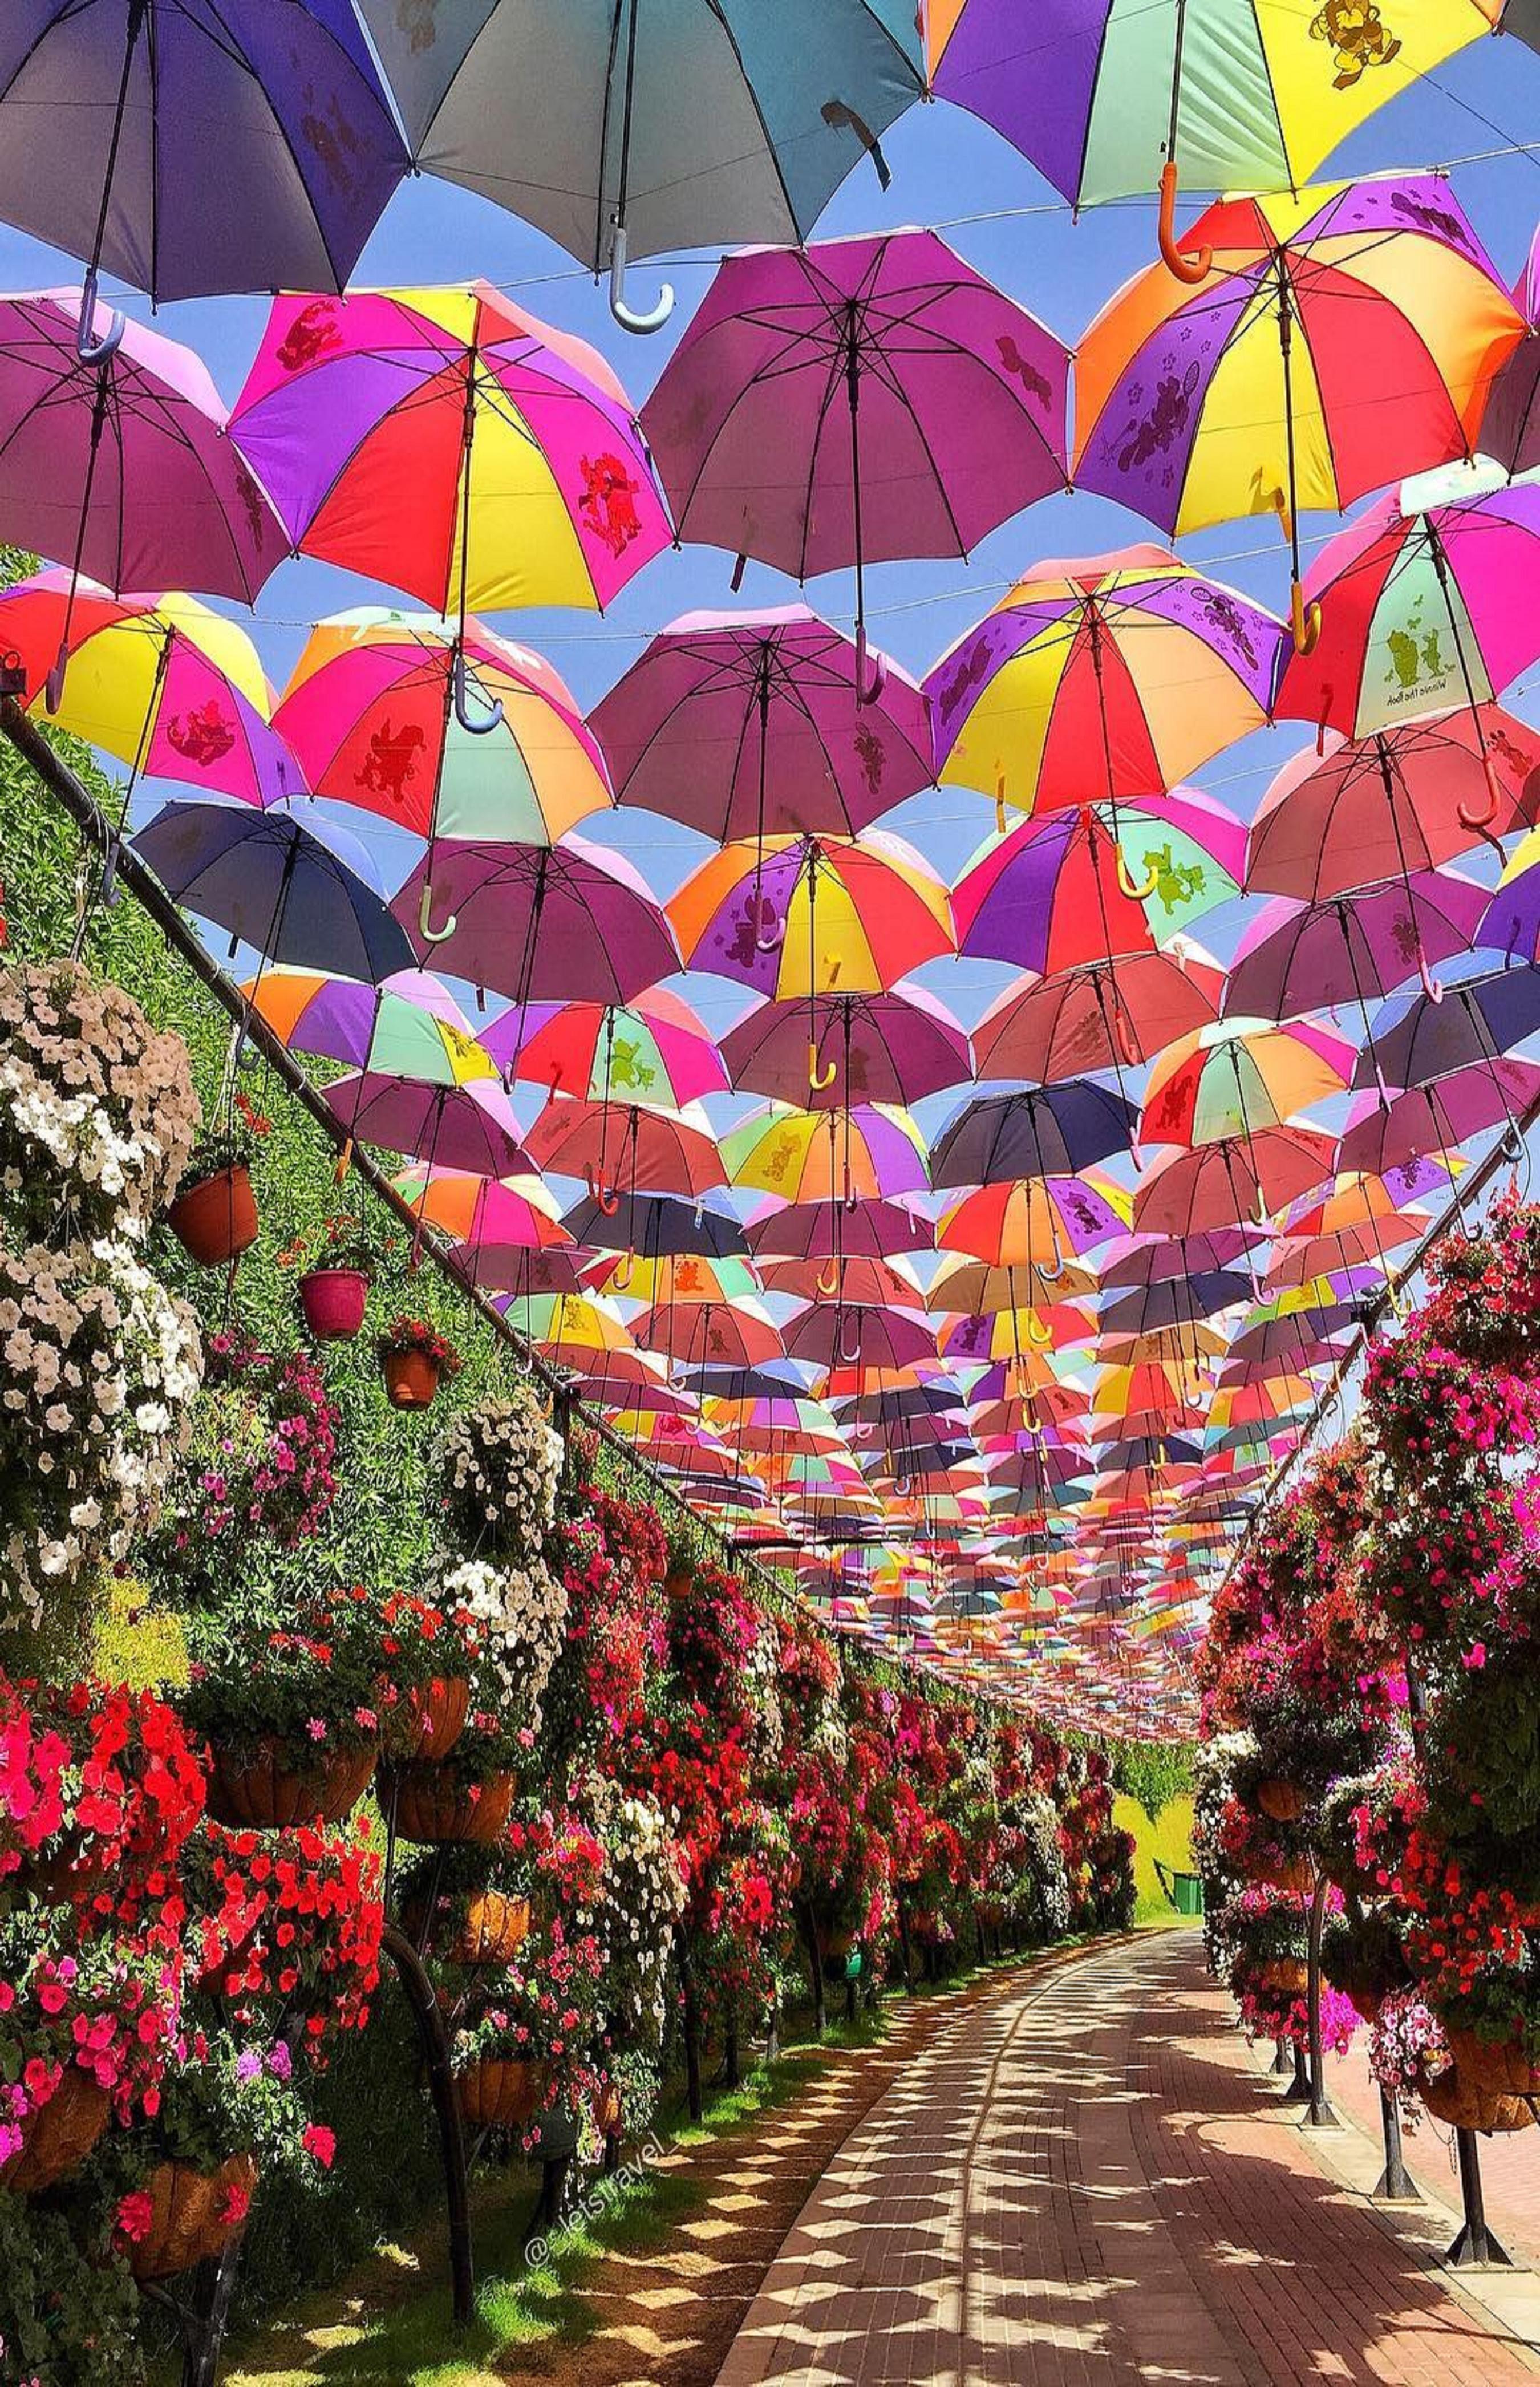 Pin by ivanka kostova on DESIGNS Miracle garden, Dubai